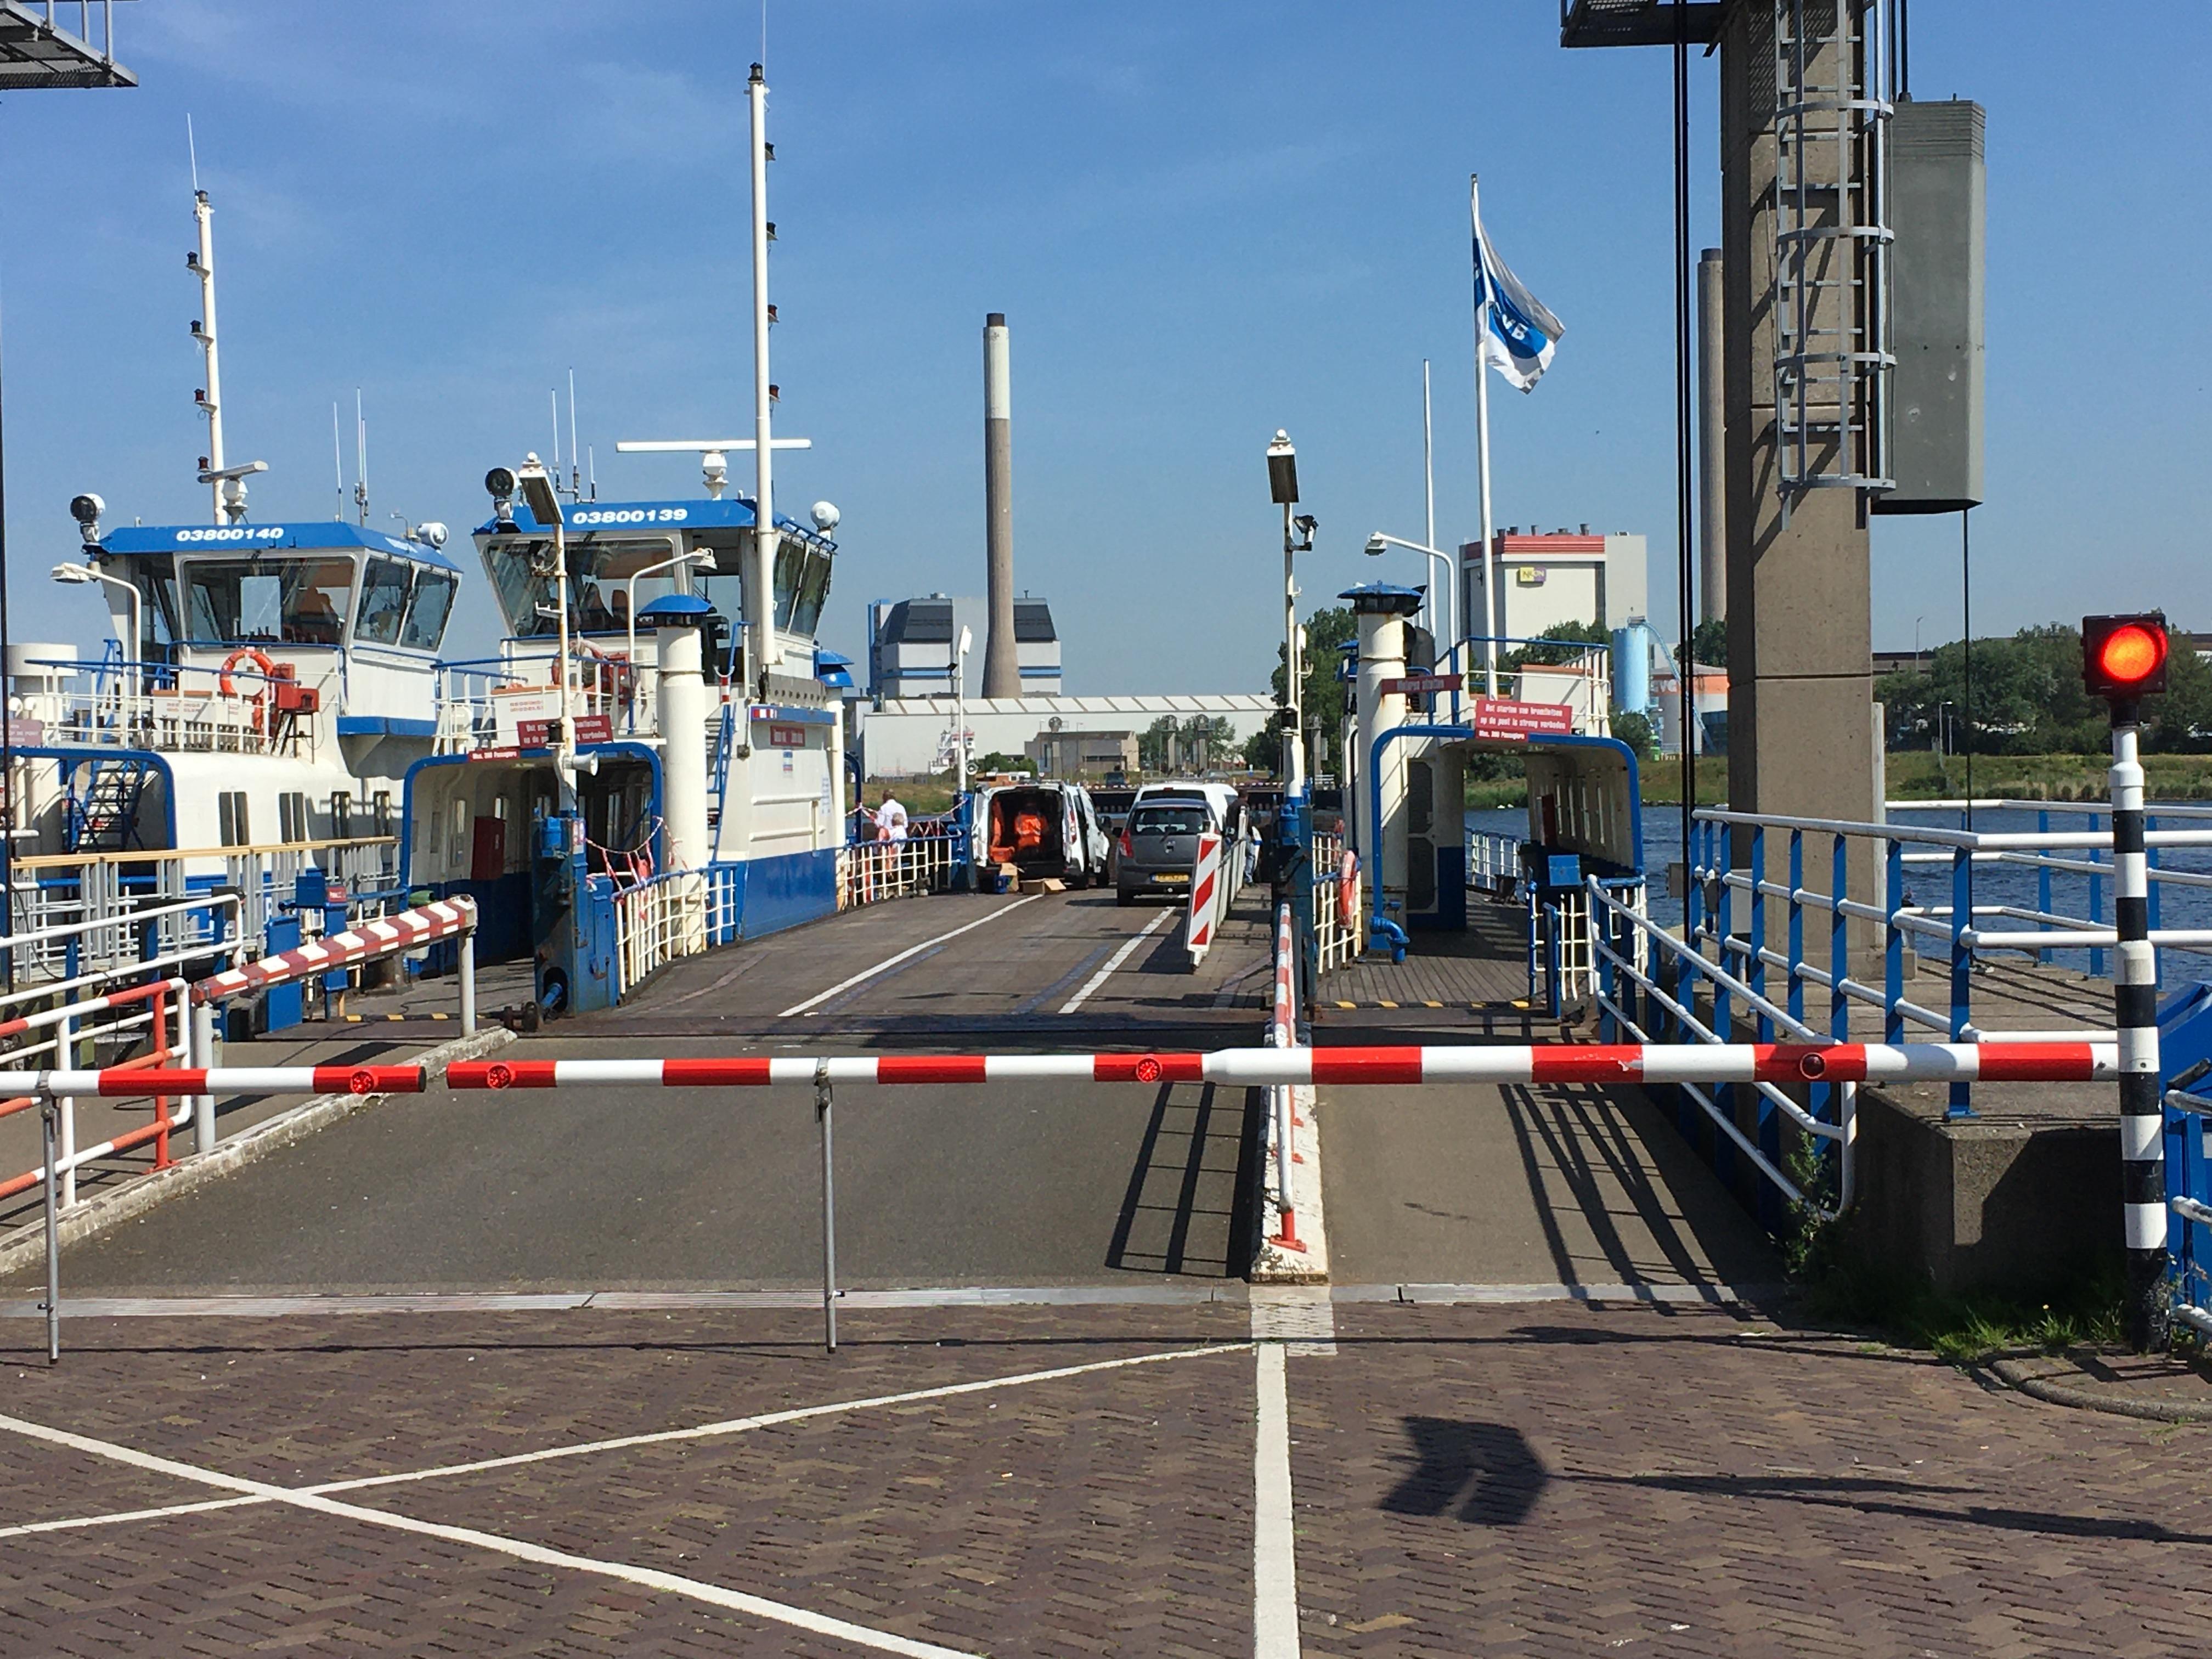 Velsense pont over Noordzeekanaal weer paar uur uitgevallen